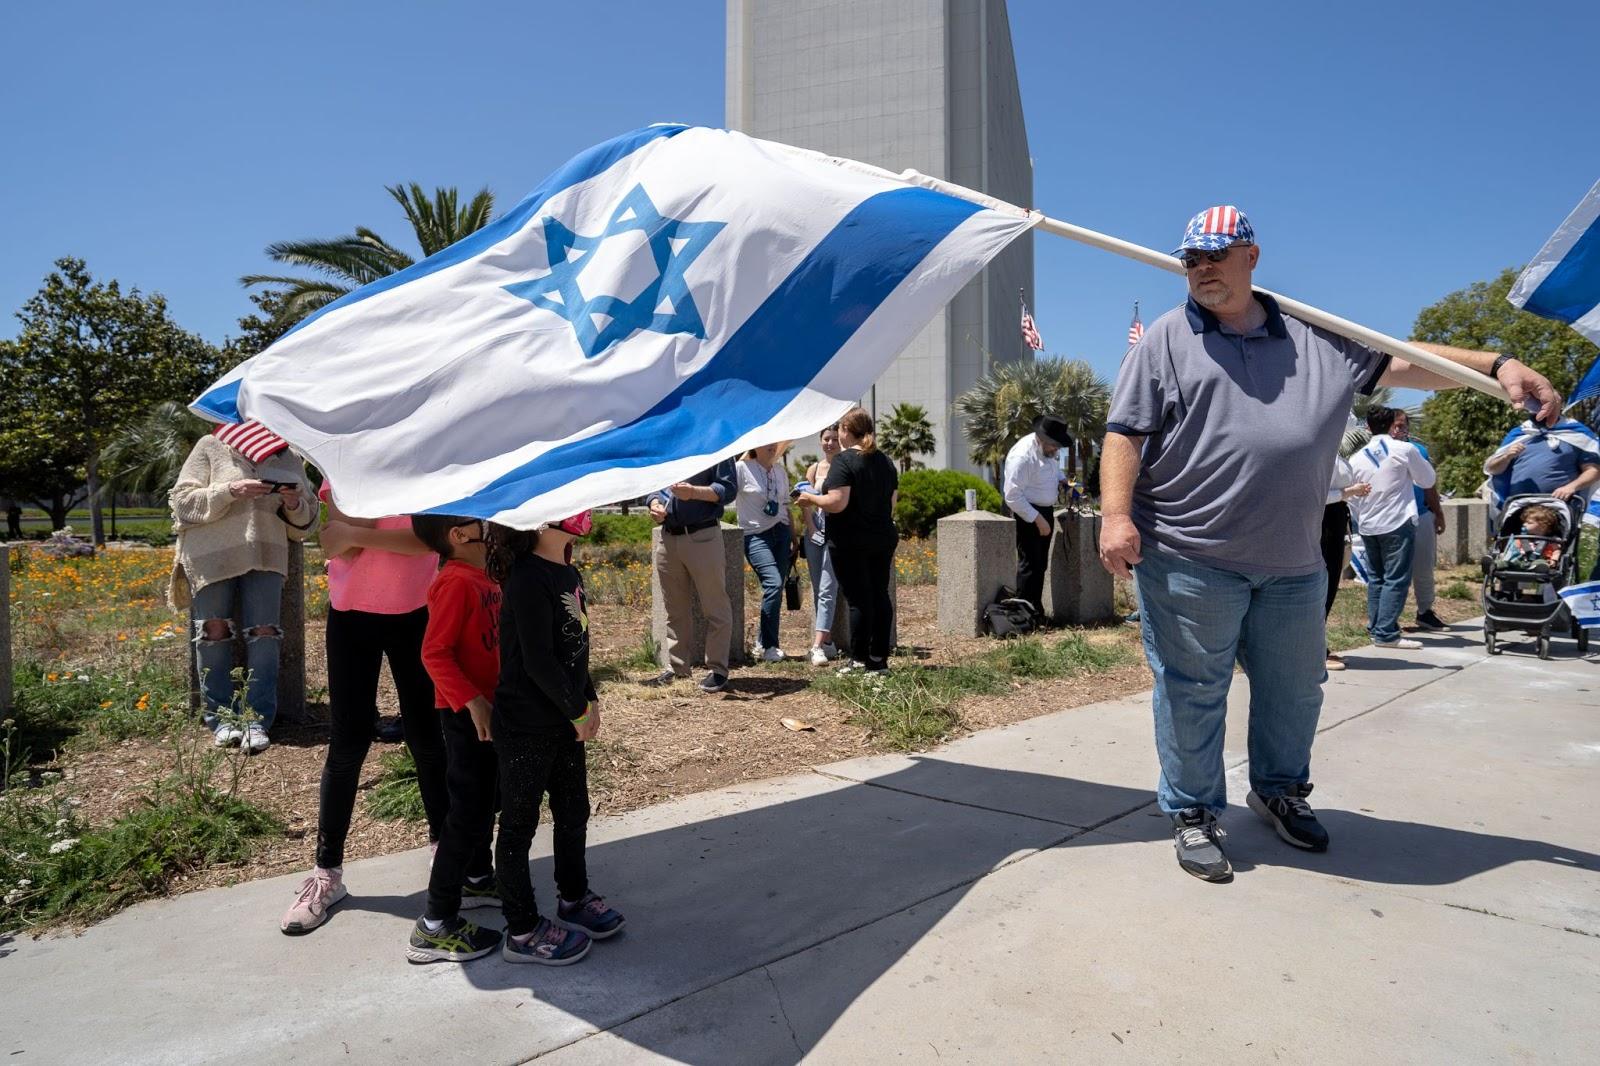 Zionist, Israeli Flag, veil